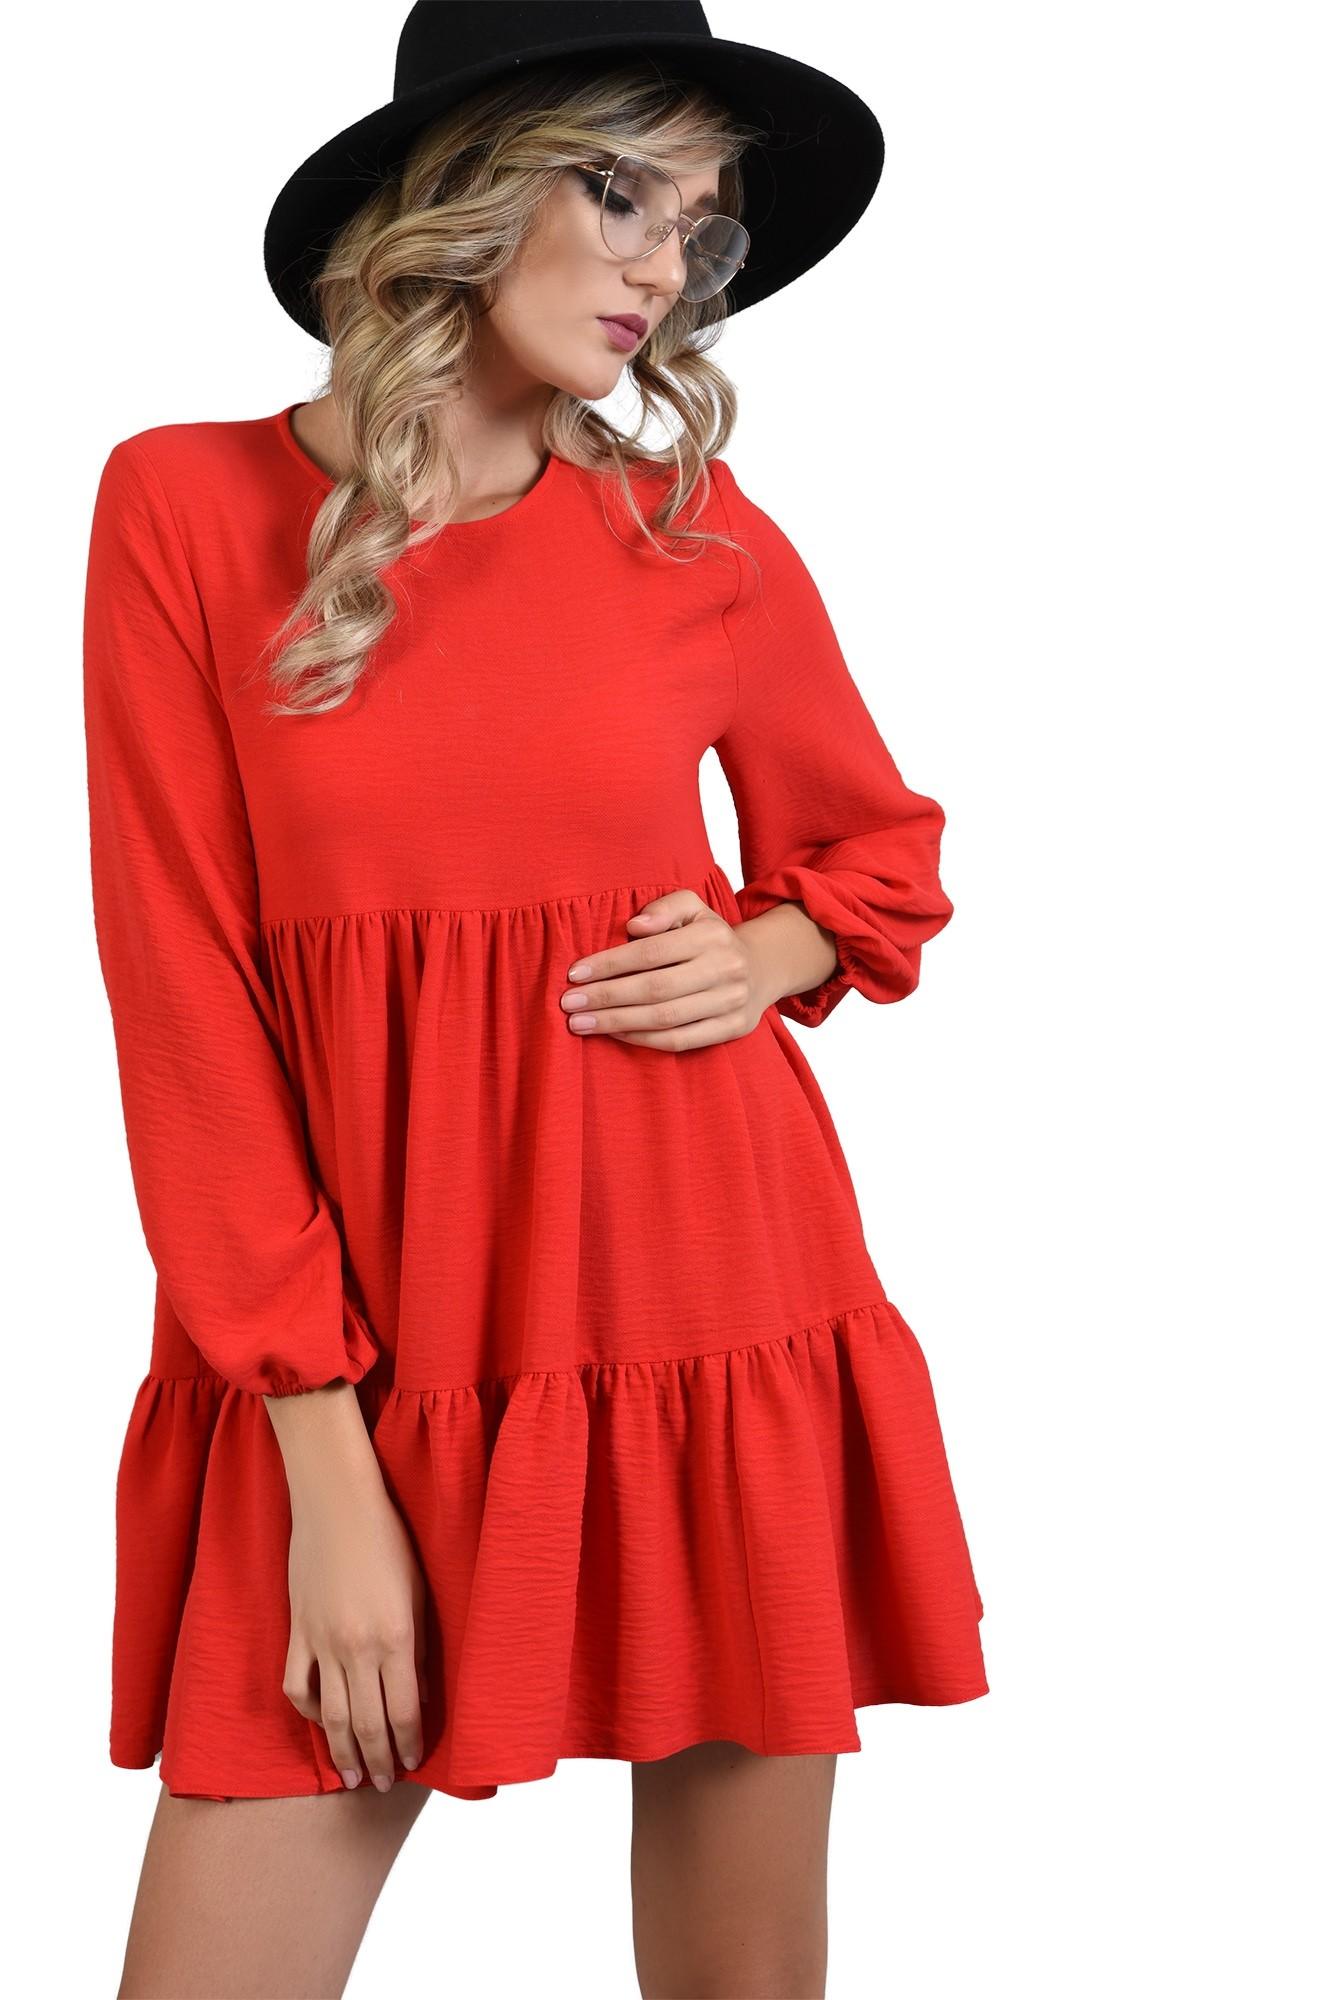 360 - rochie larga rosie, maneca lunga, Poema